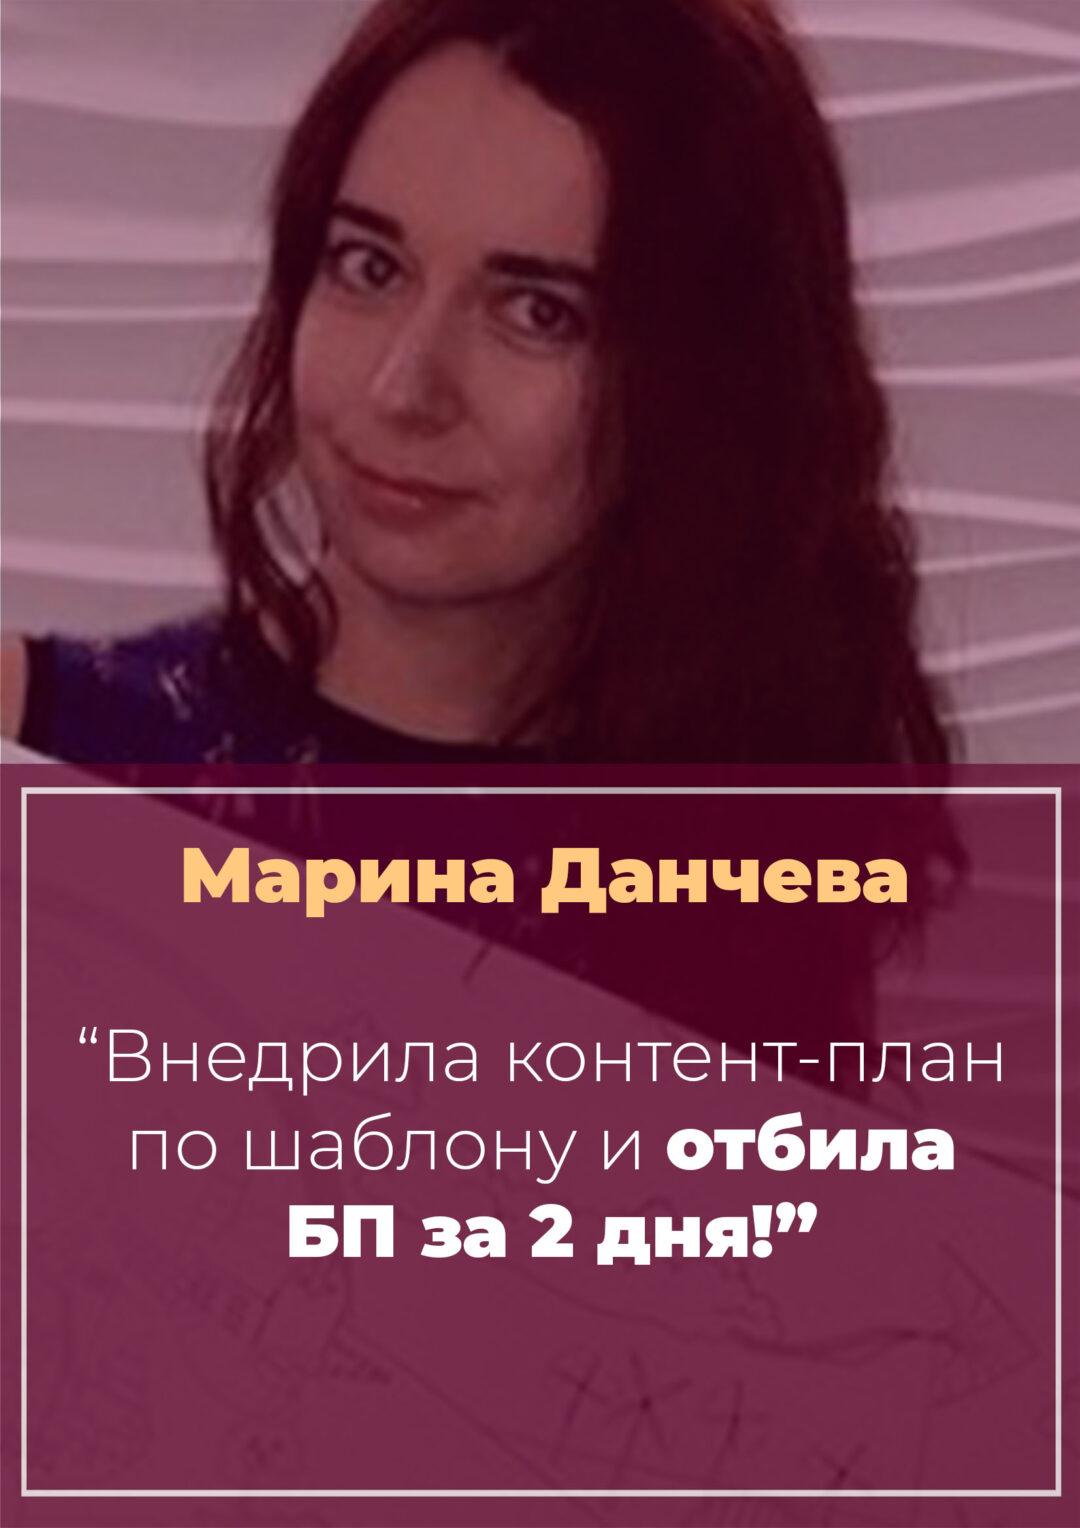 История Марины Данчевой